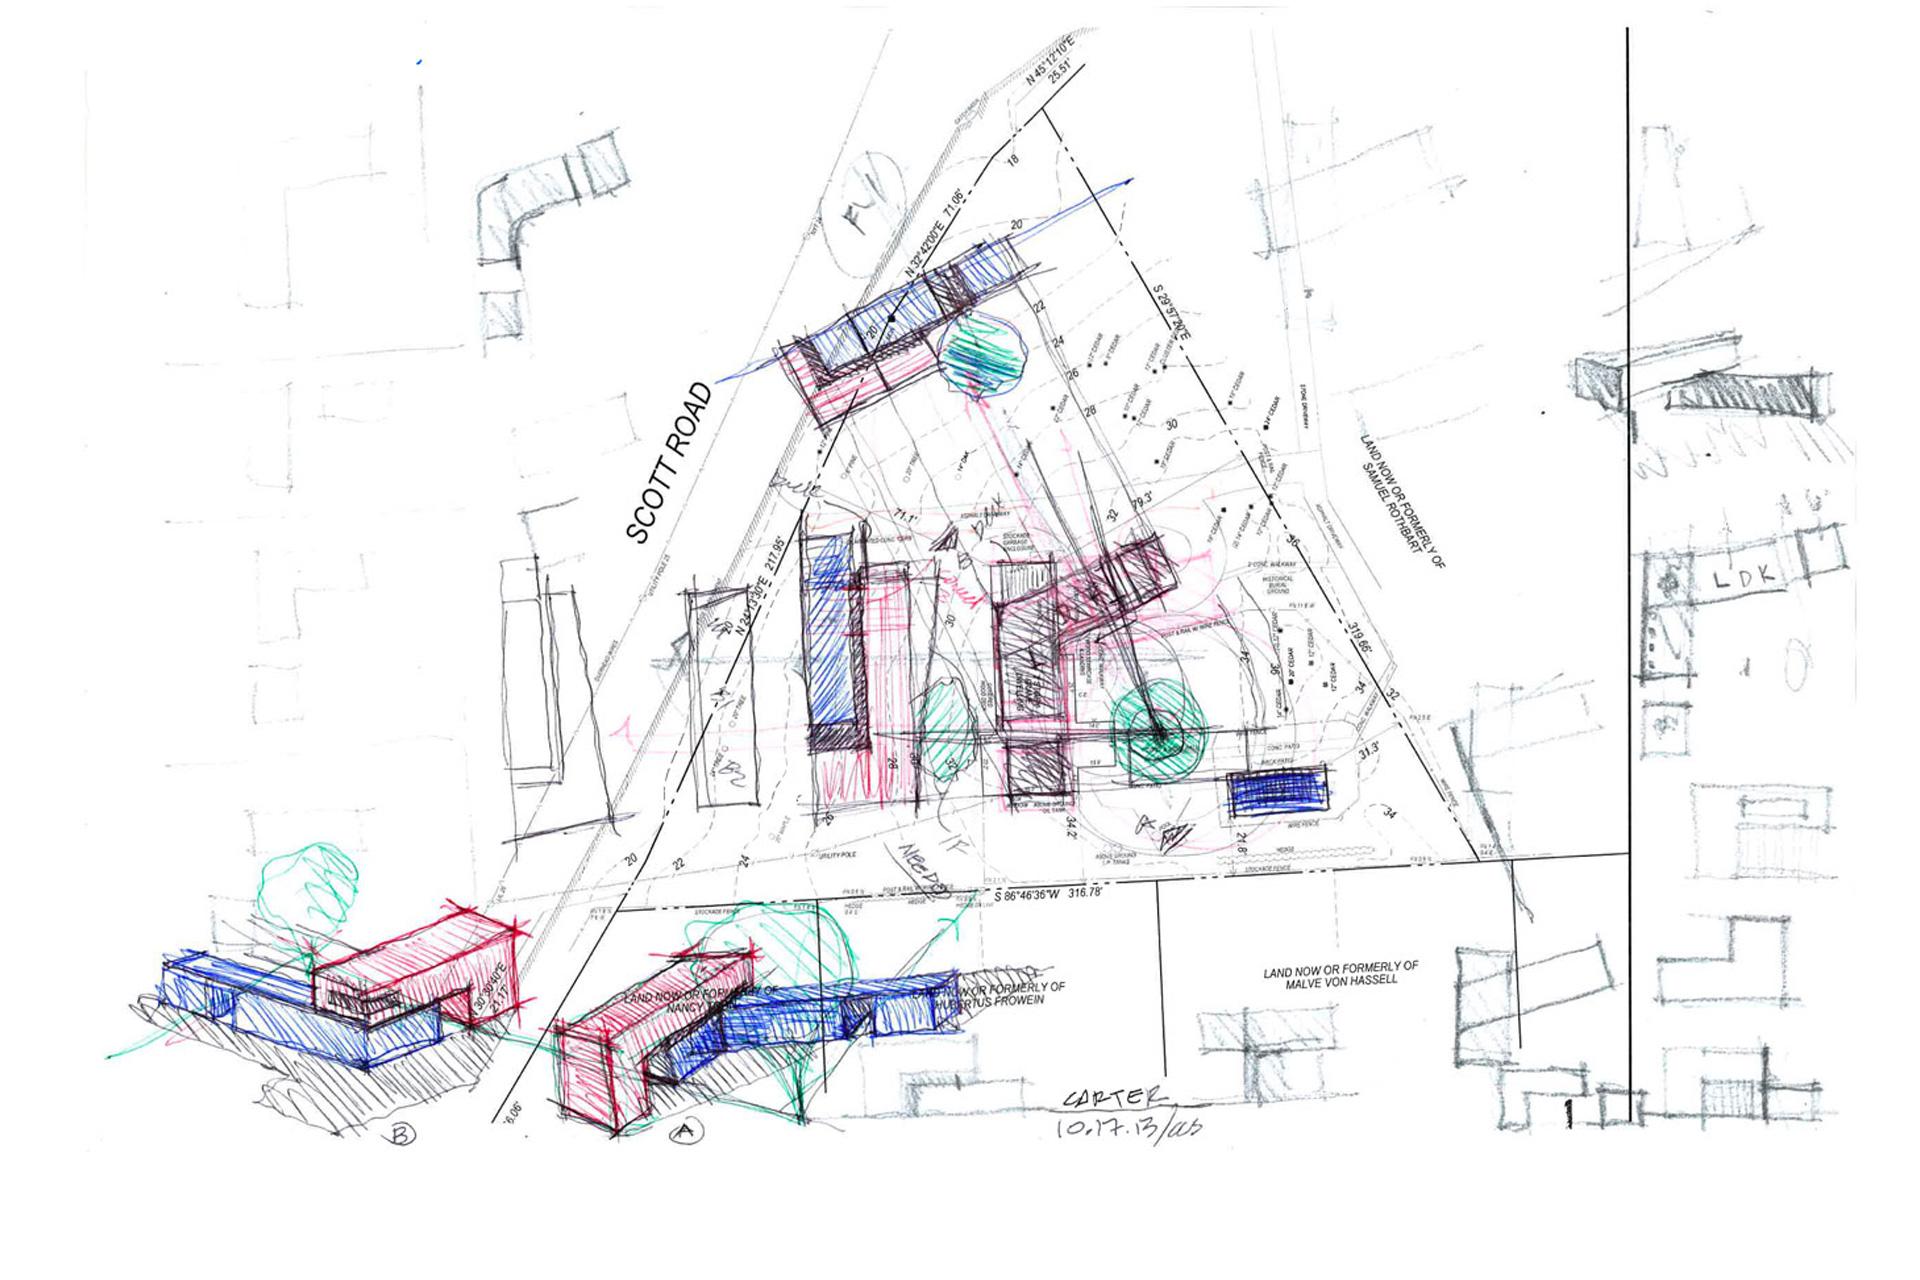 Carter Residence design